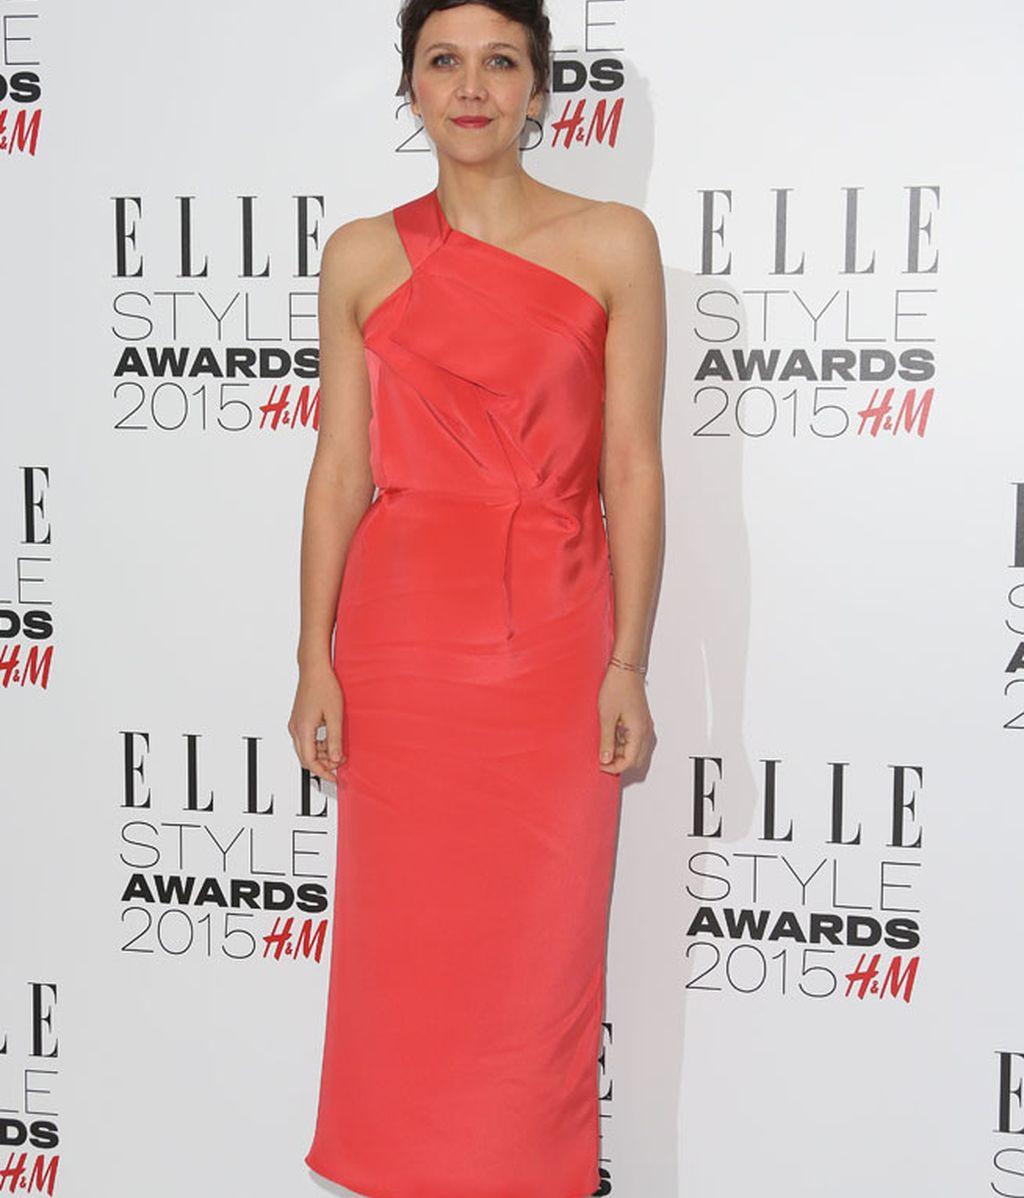 La newyorkina actriz, Maggie Gyllenhaal